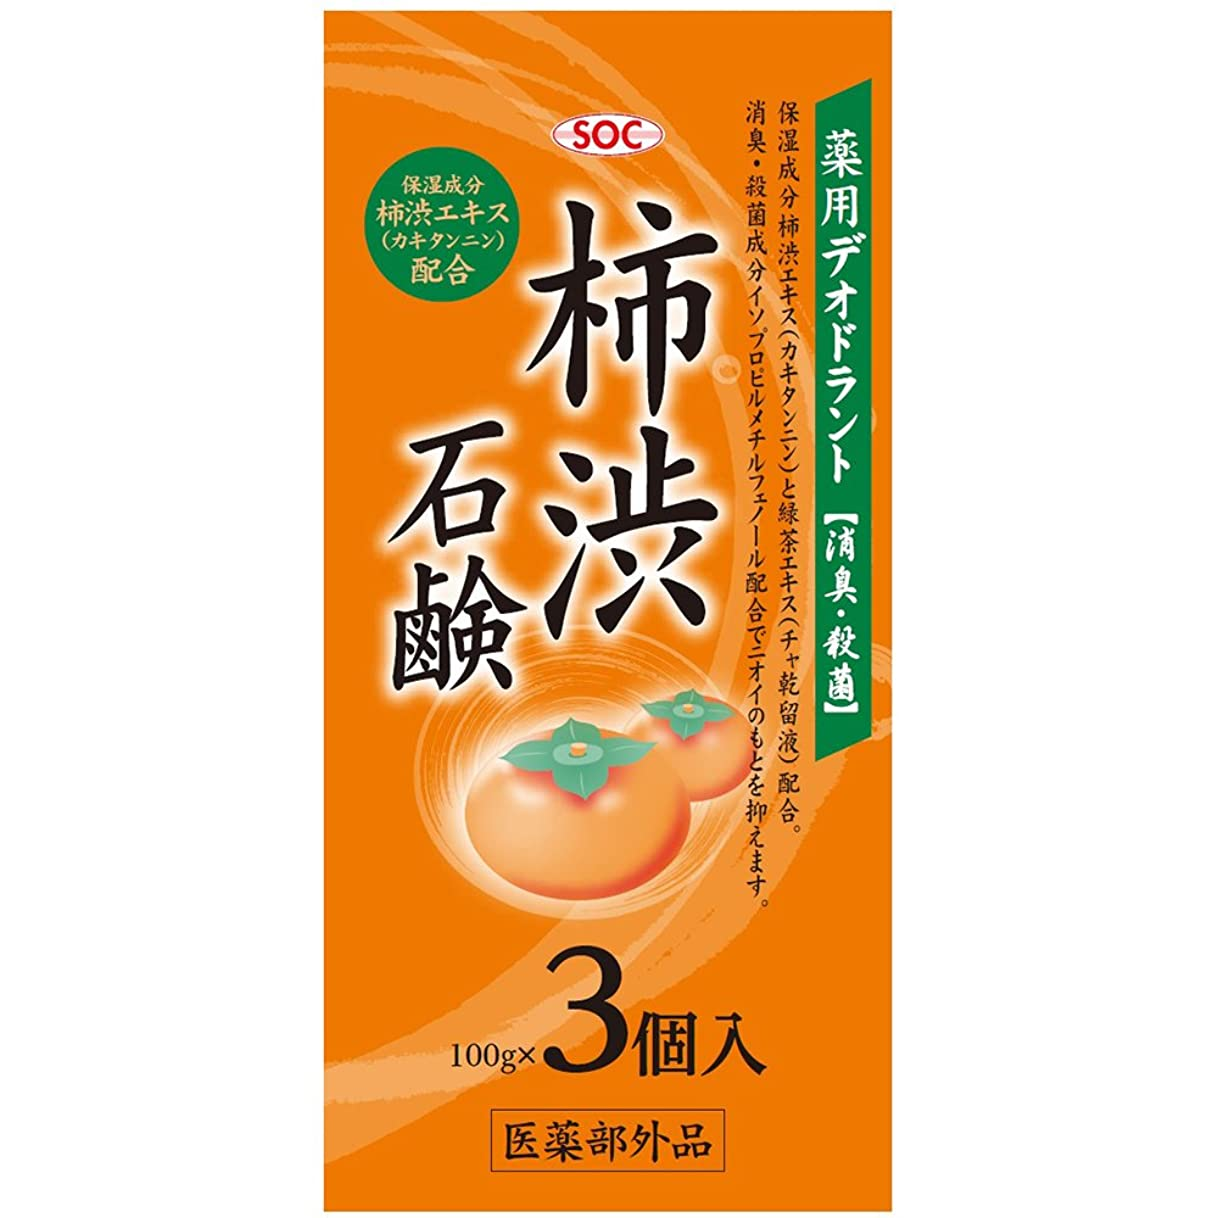 研磨ジャム指SOC 薬用柿渋石鹸 3P (100g×3)